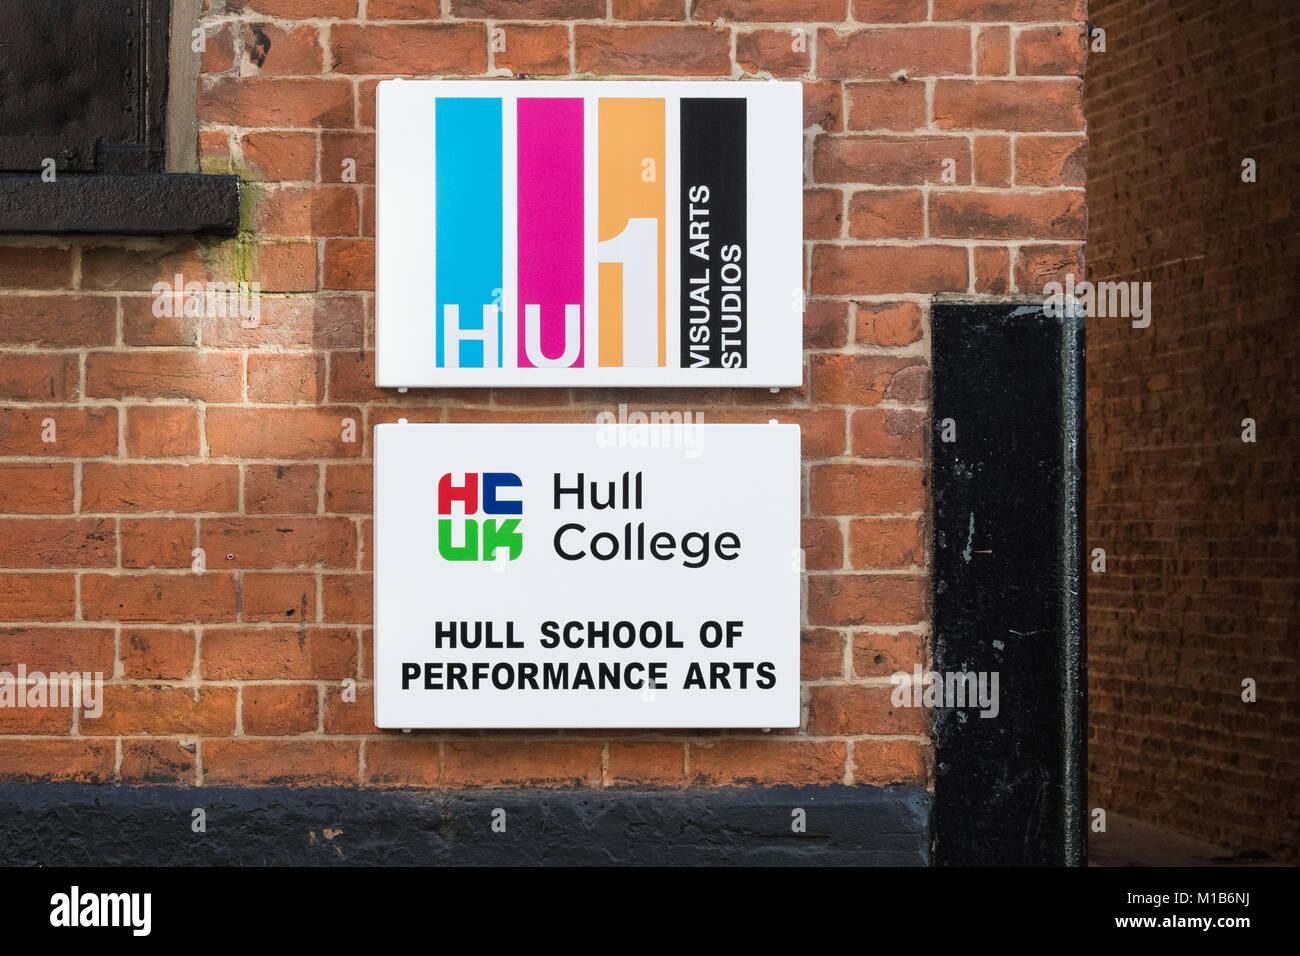 HU1 Visual Arts Studios, Hull scuola di arti di prestazioni, Hull College, Hull, England, Regno Unito Immagini Stock